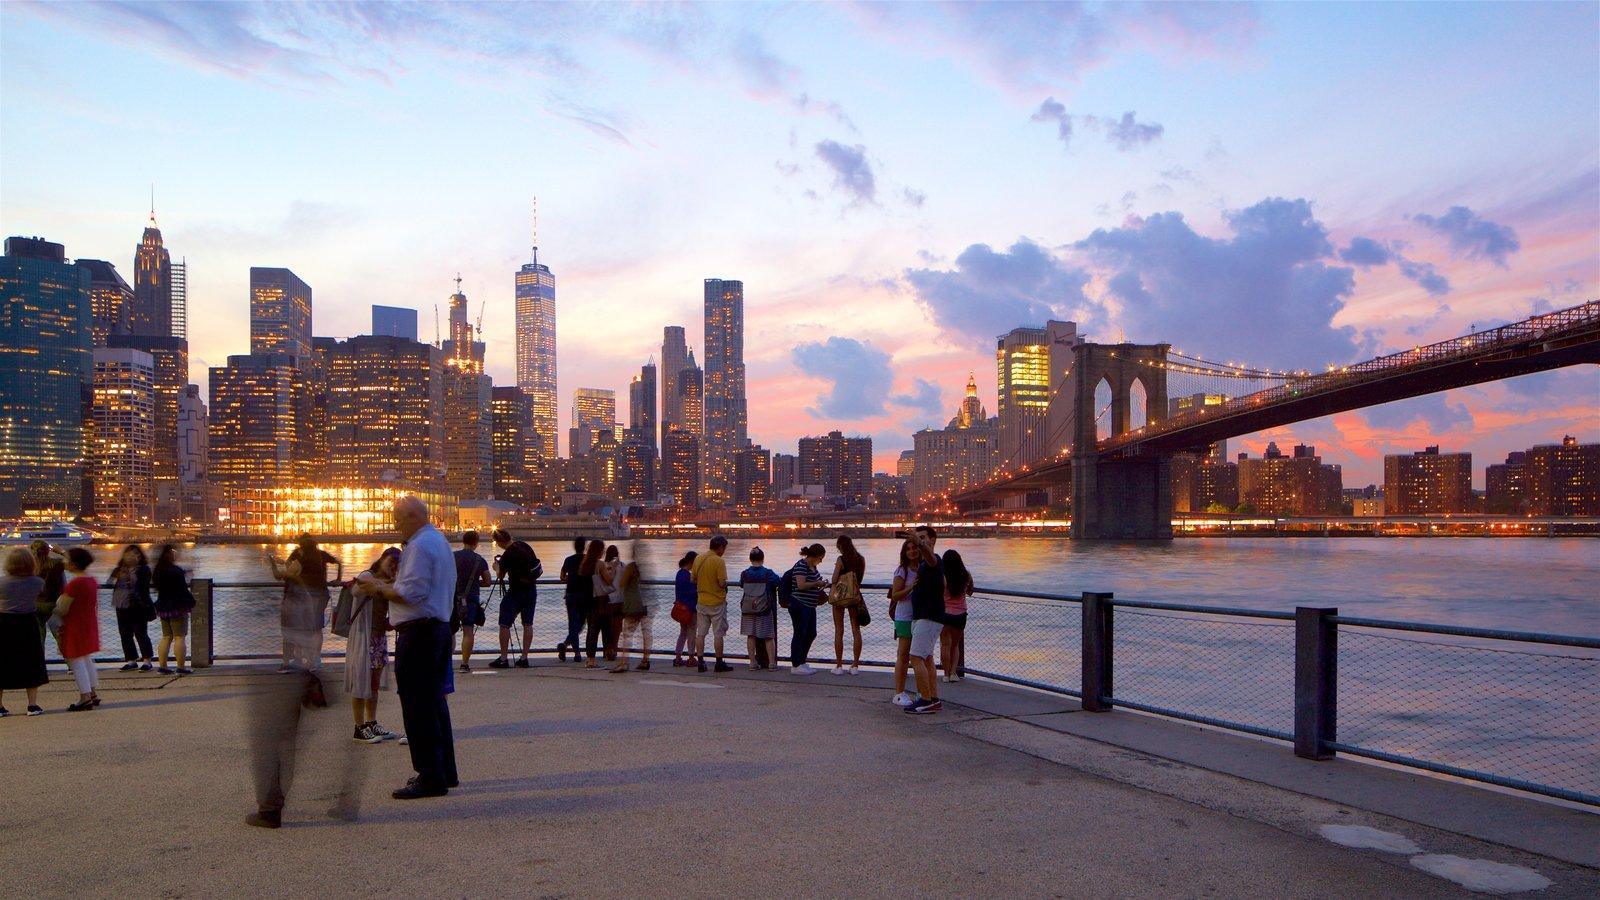 Brooklyn Heights Promenade caracterizando um pôr do sol, uma ponte e um rio ou córrego